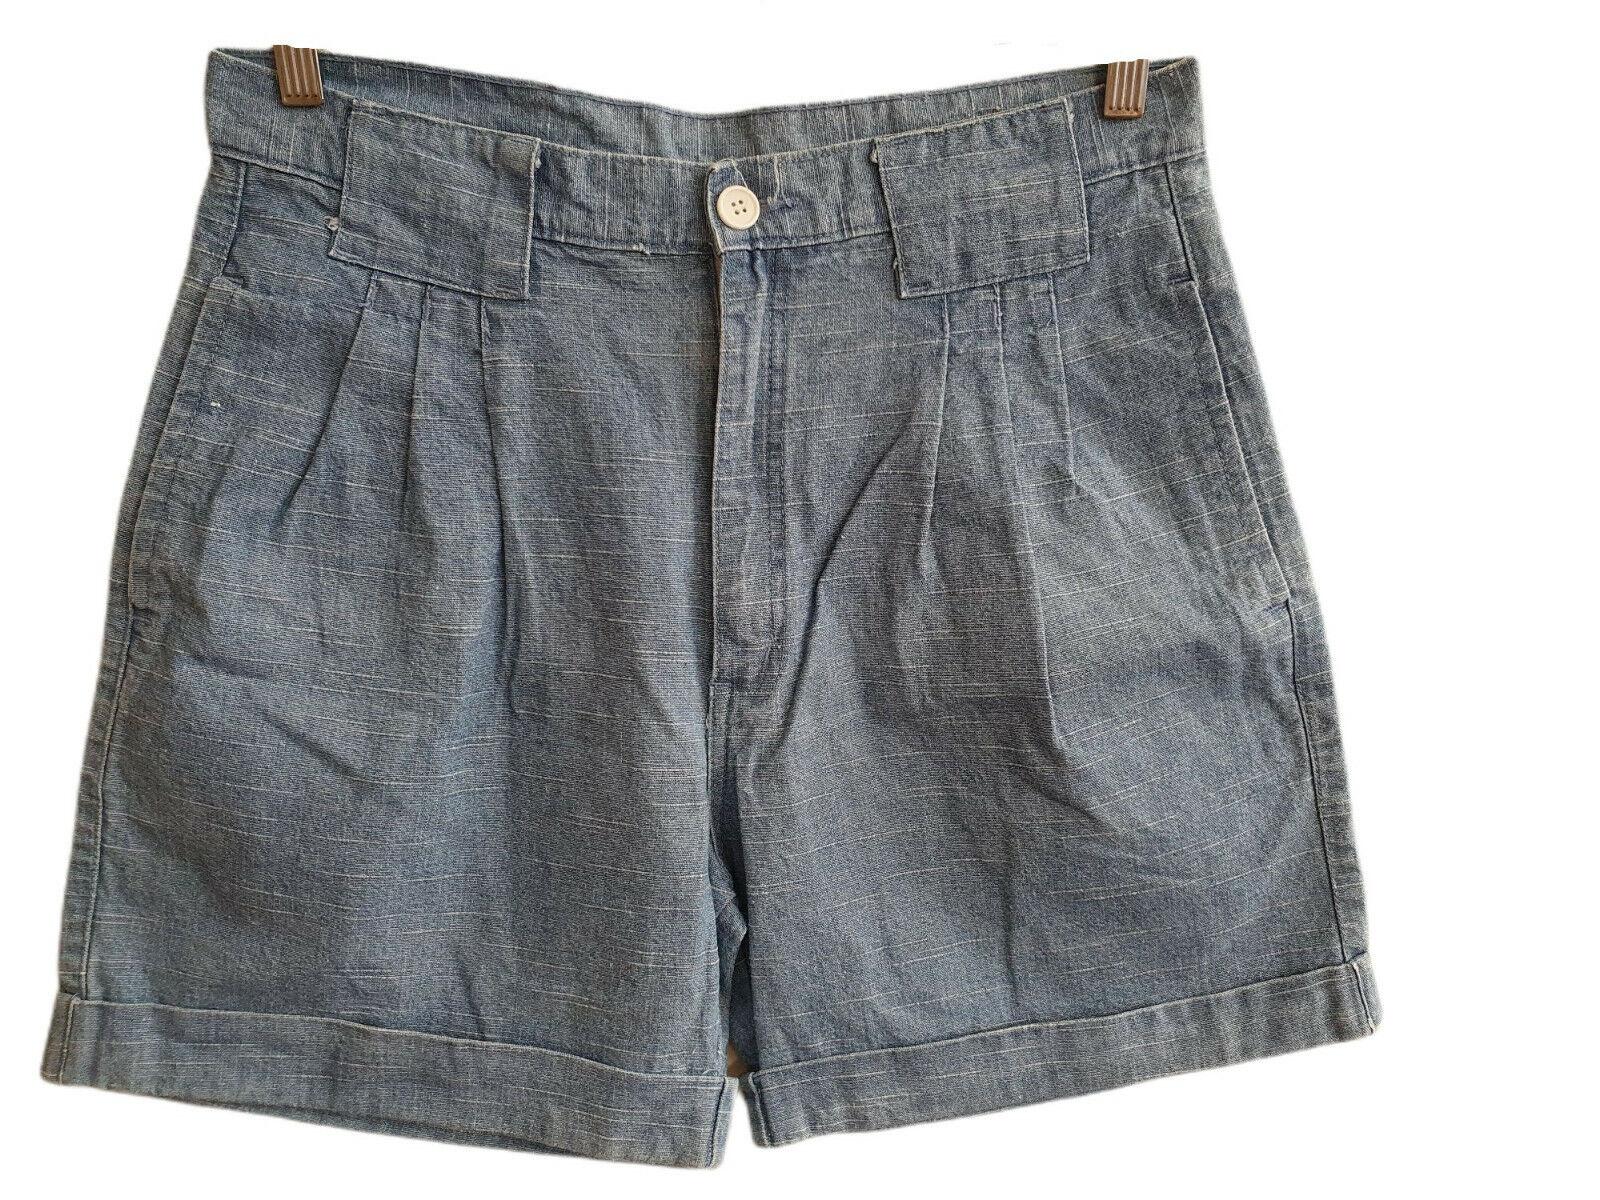 80s 90s Vintage Shorts in Leinenoptik mit Bundfalte Größe 44 (V8070)